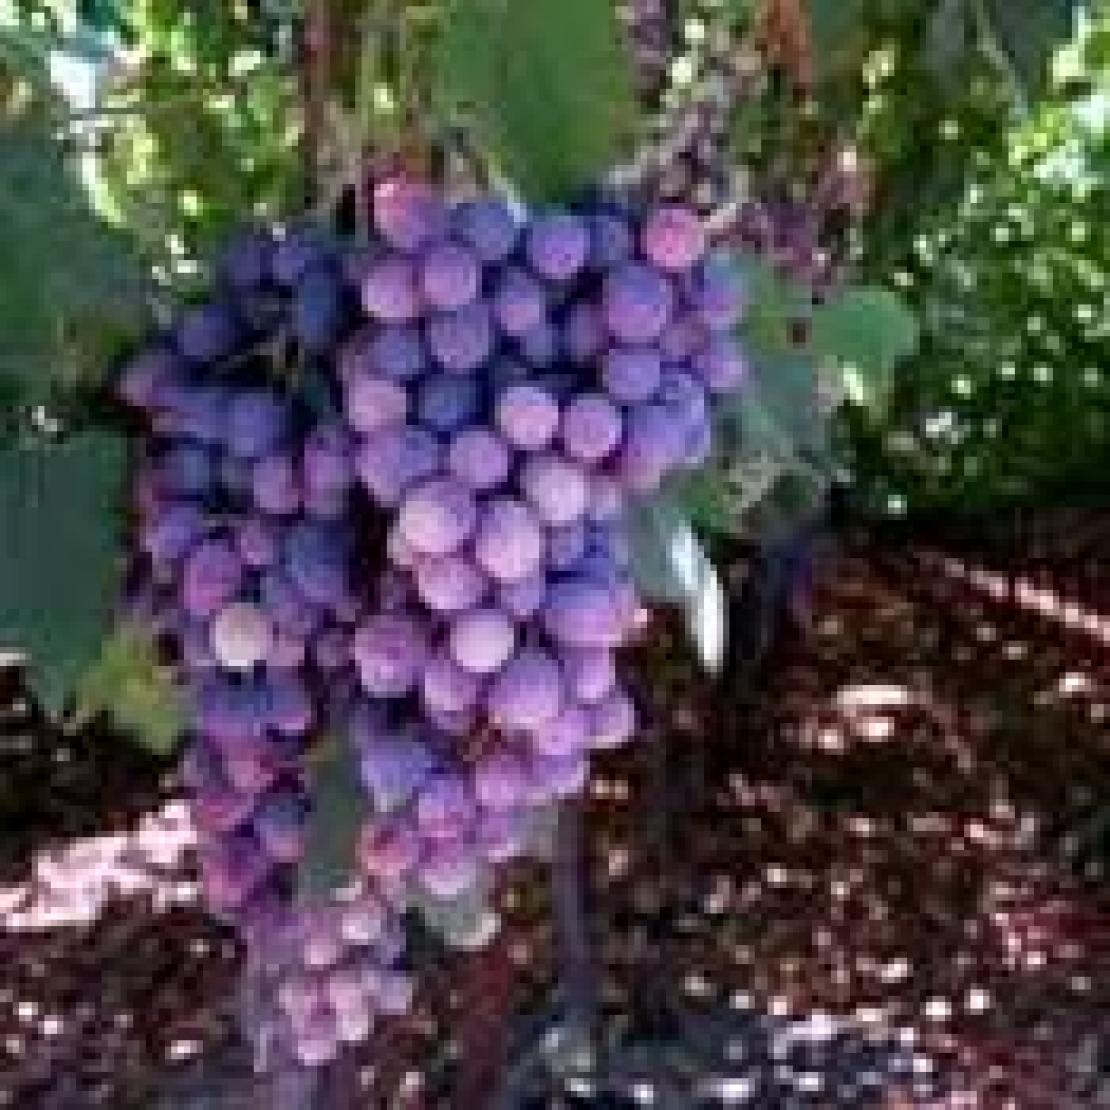 L'analisi chimica ha i suoi limiti. Per stabilire il potenziale qualitativo delle uve è utile affidarsi al metodo sensoriale